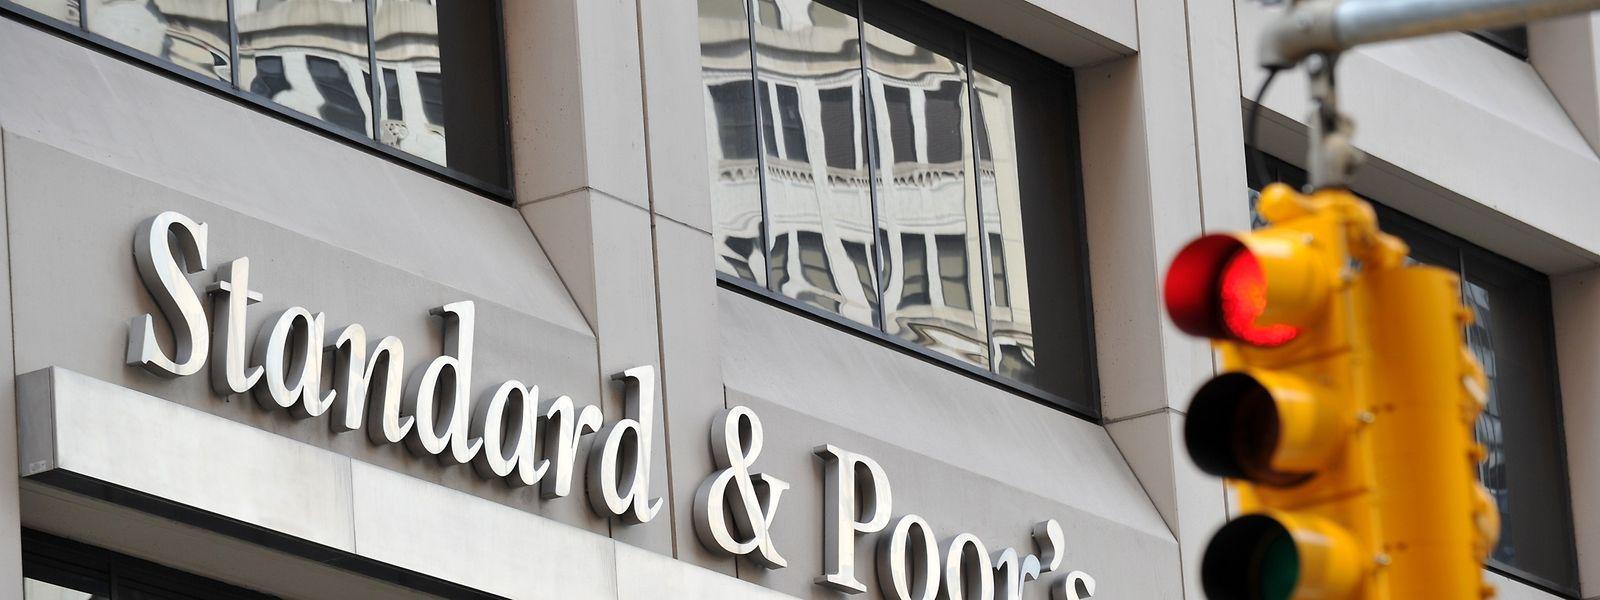 S&P ist die dominierende Ratingagentur neben den kleineren Unternehmen Moody's und Fitch Ratings.